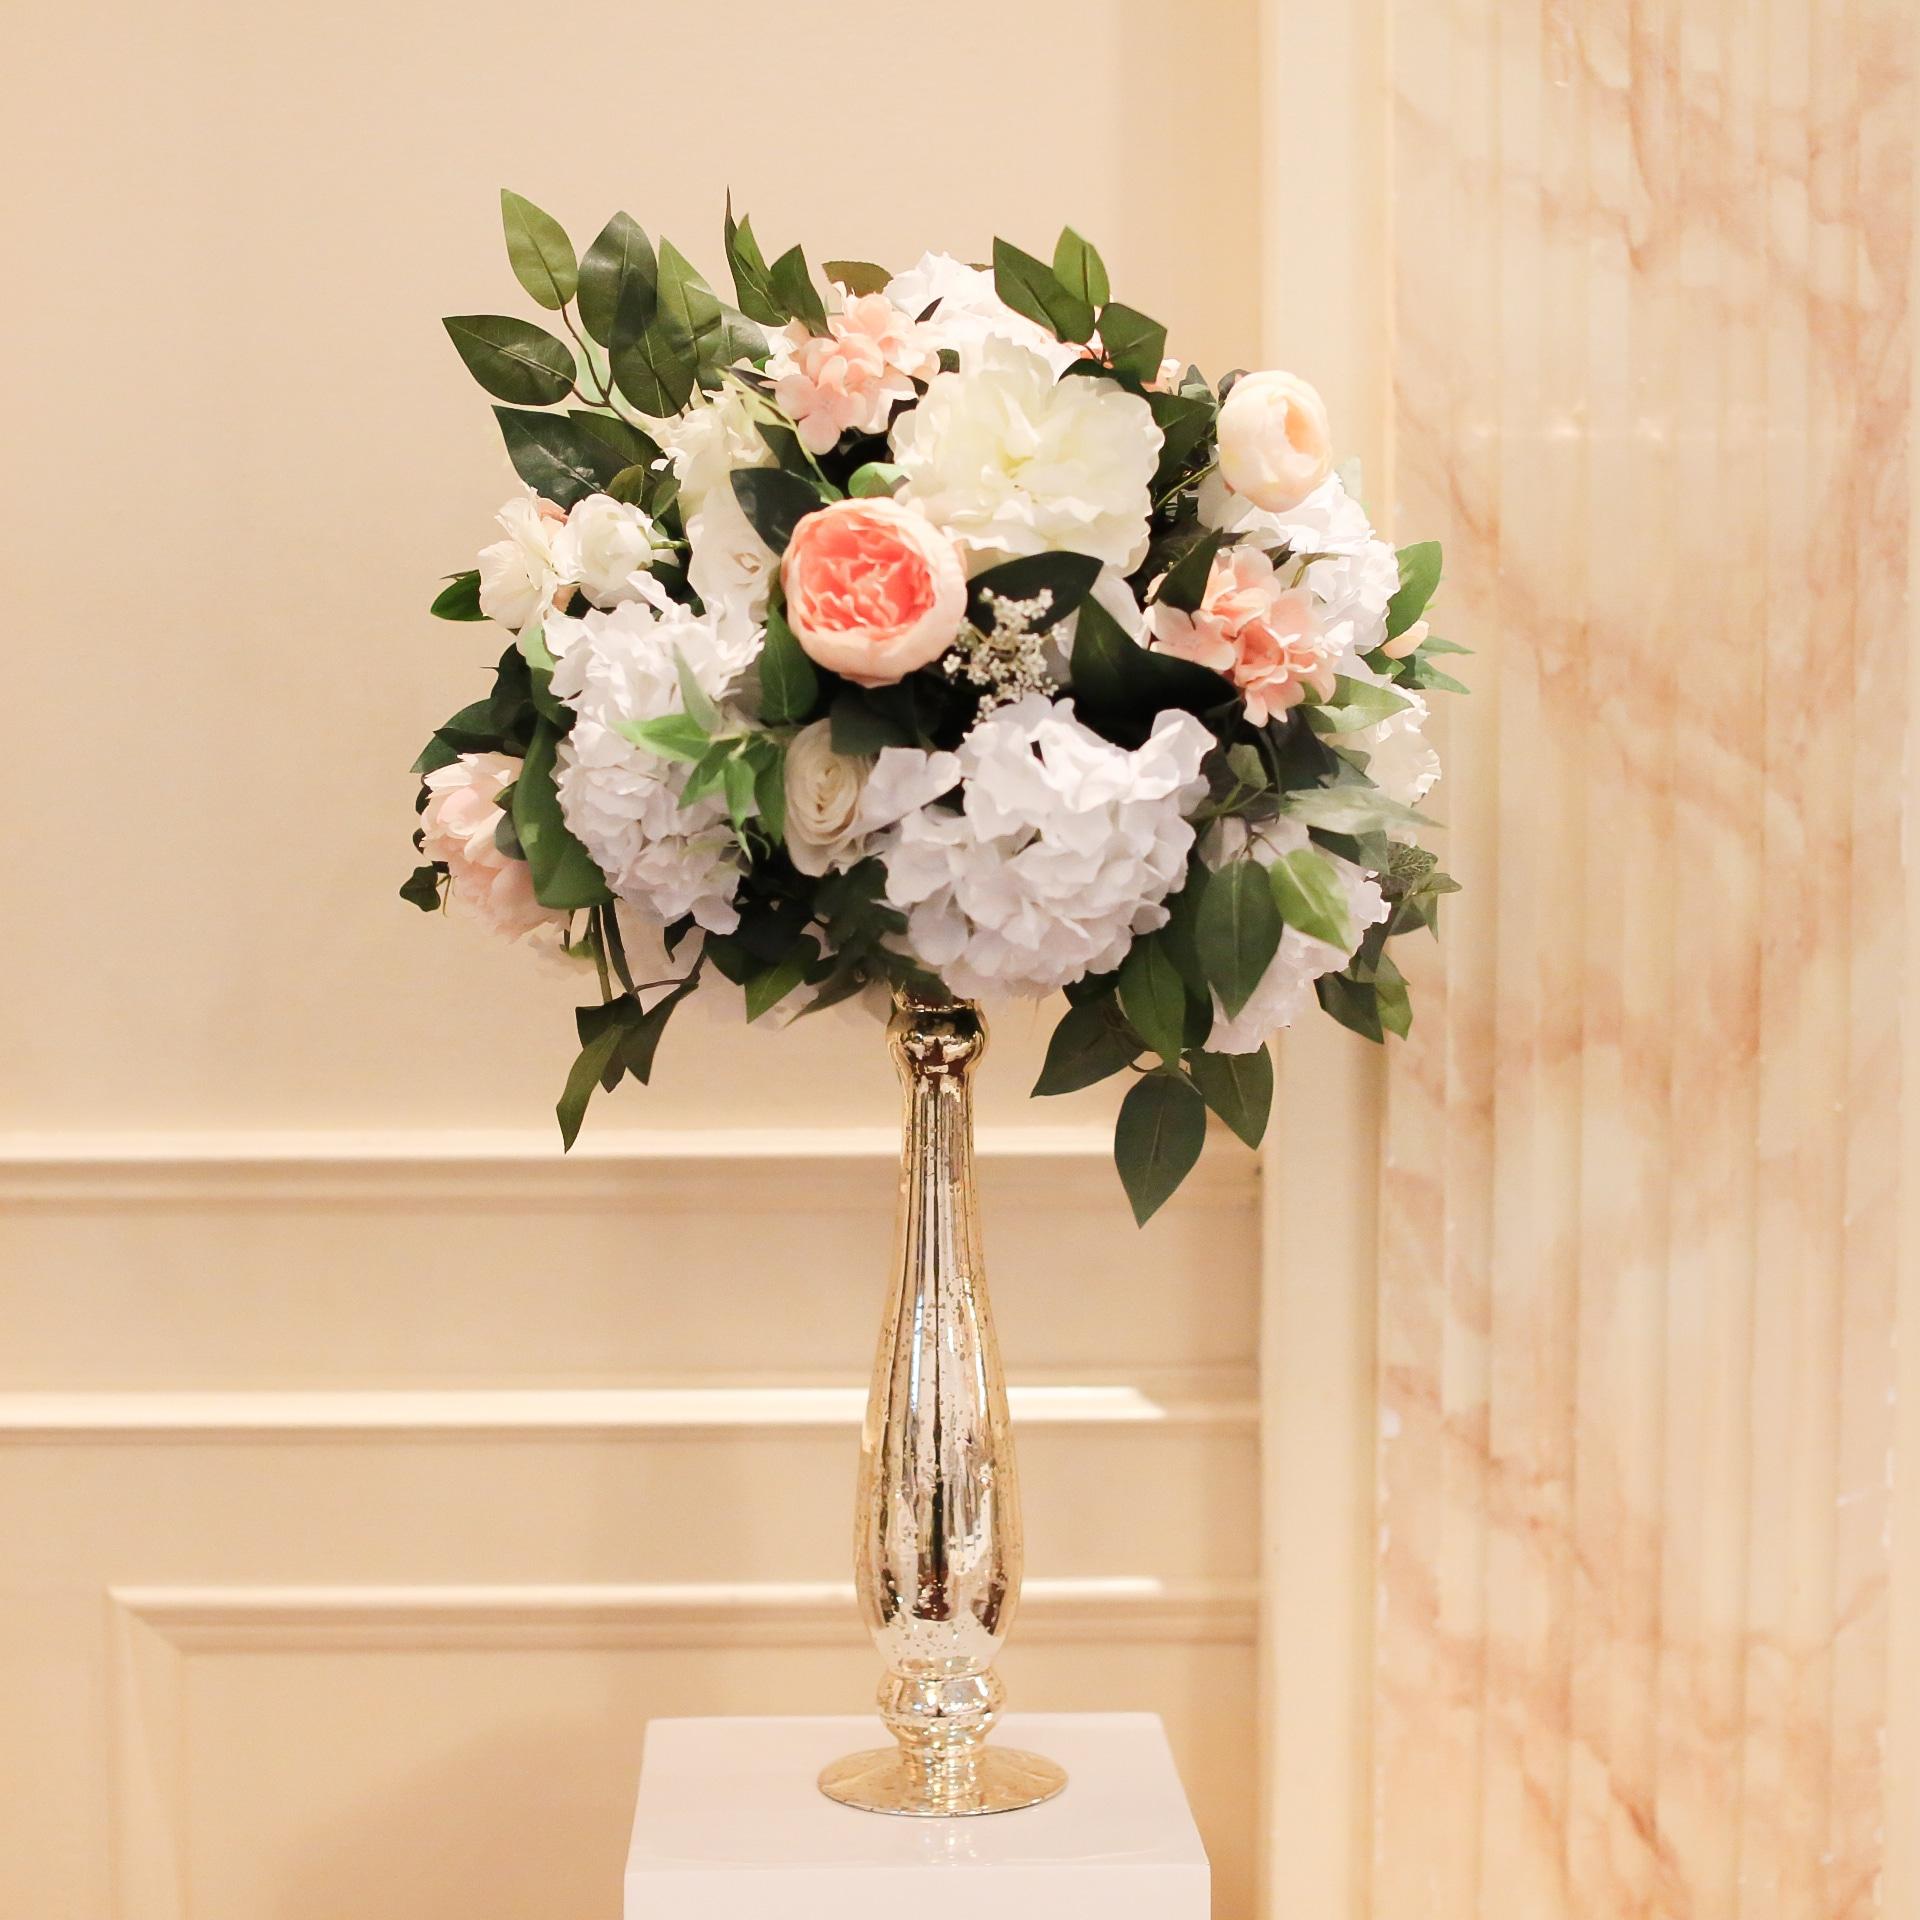 VintageBash floral arrangement